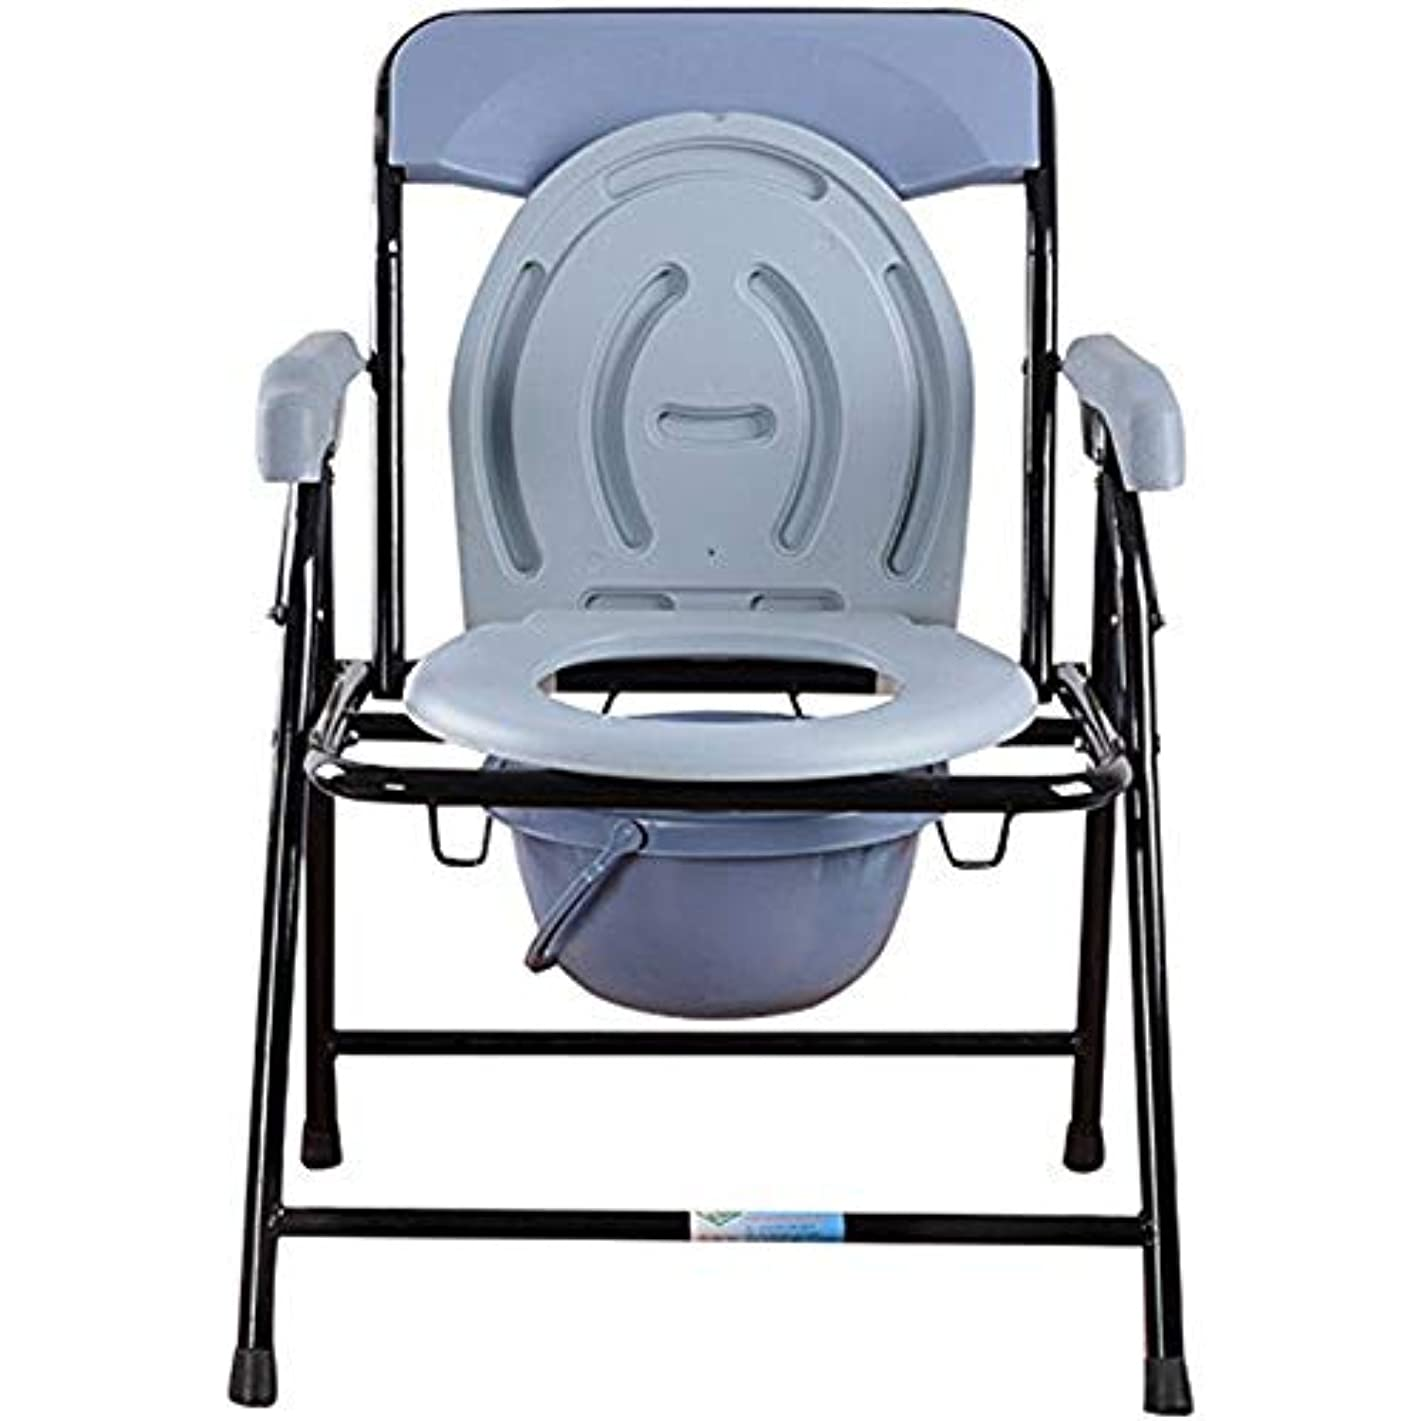 支配的音声パイ便座 - 可動式トイレ/減量手術用ベッドサイドランプ/高齢者向け障害者リカバリー在宅ケア